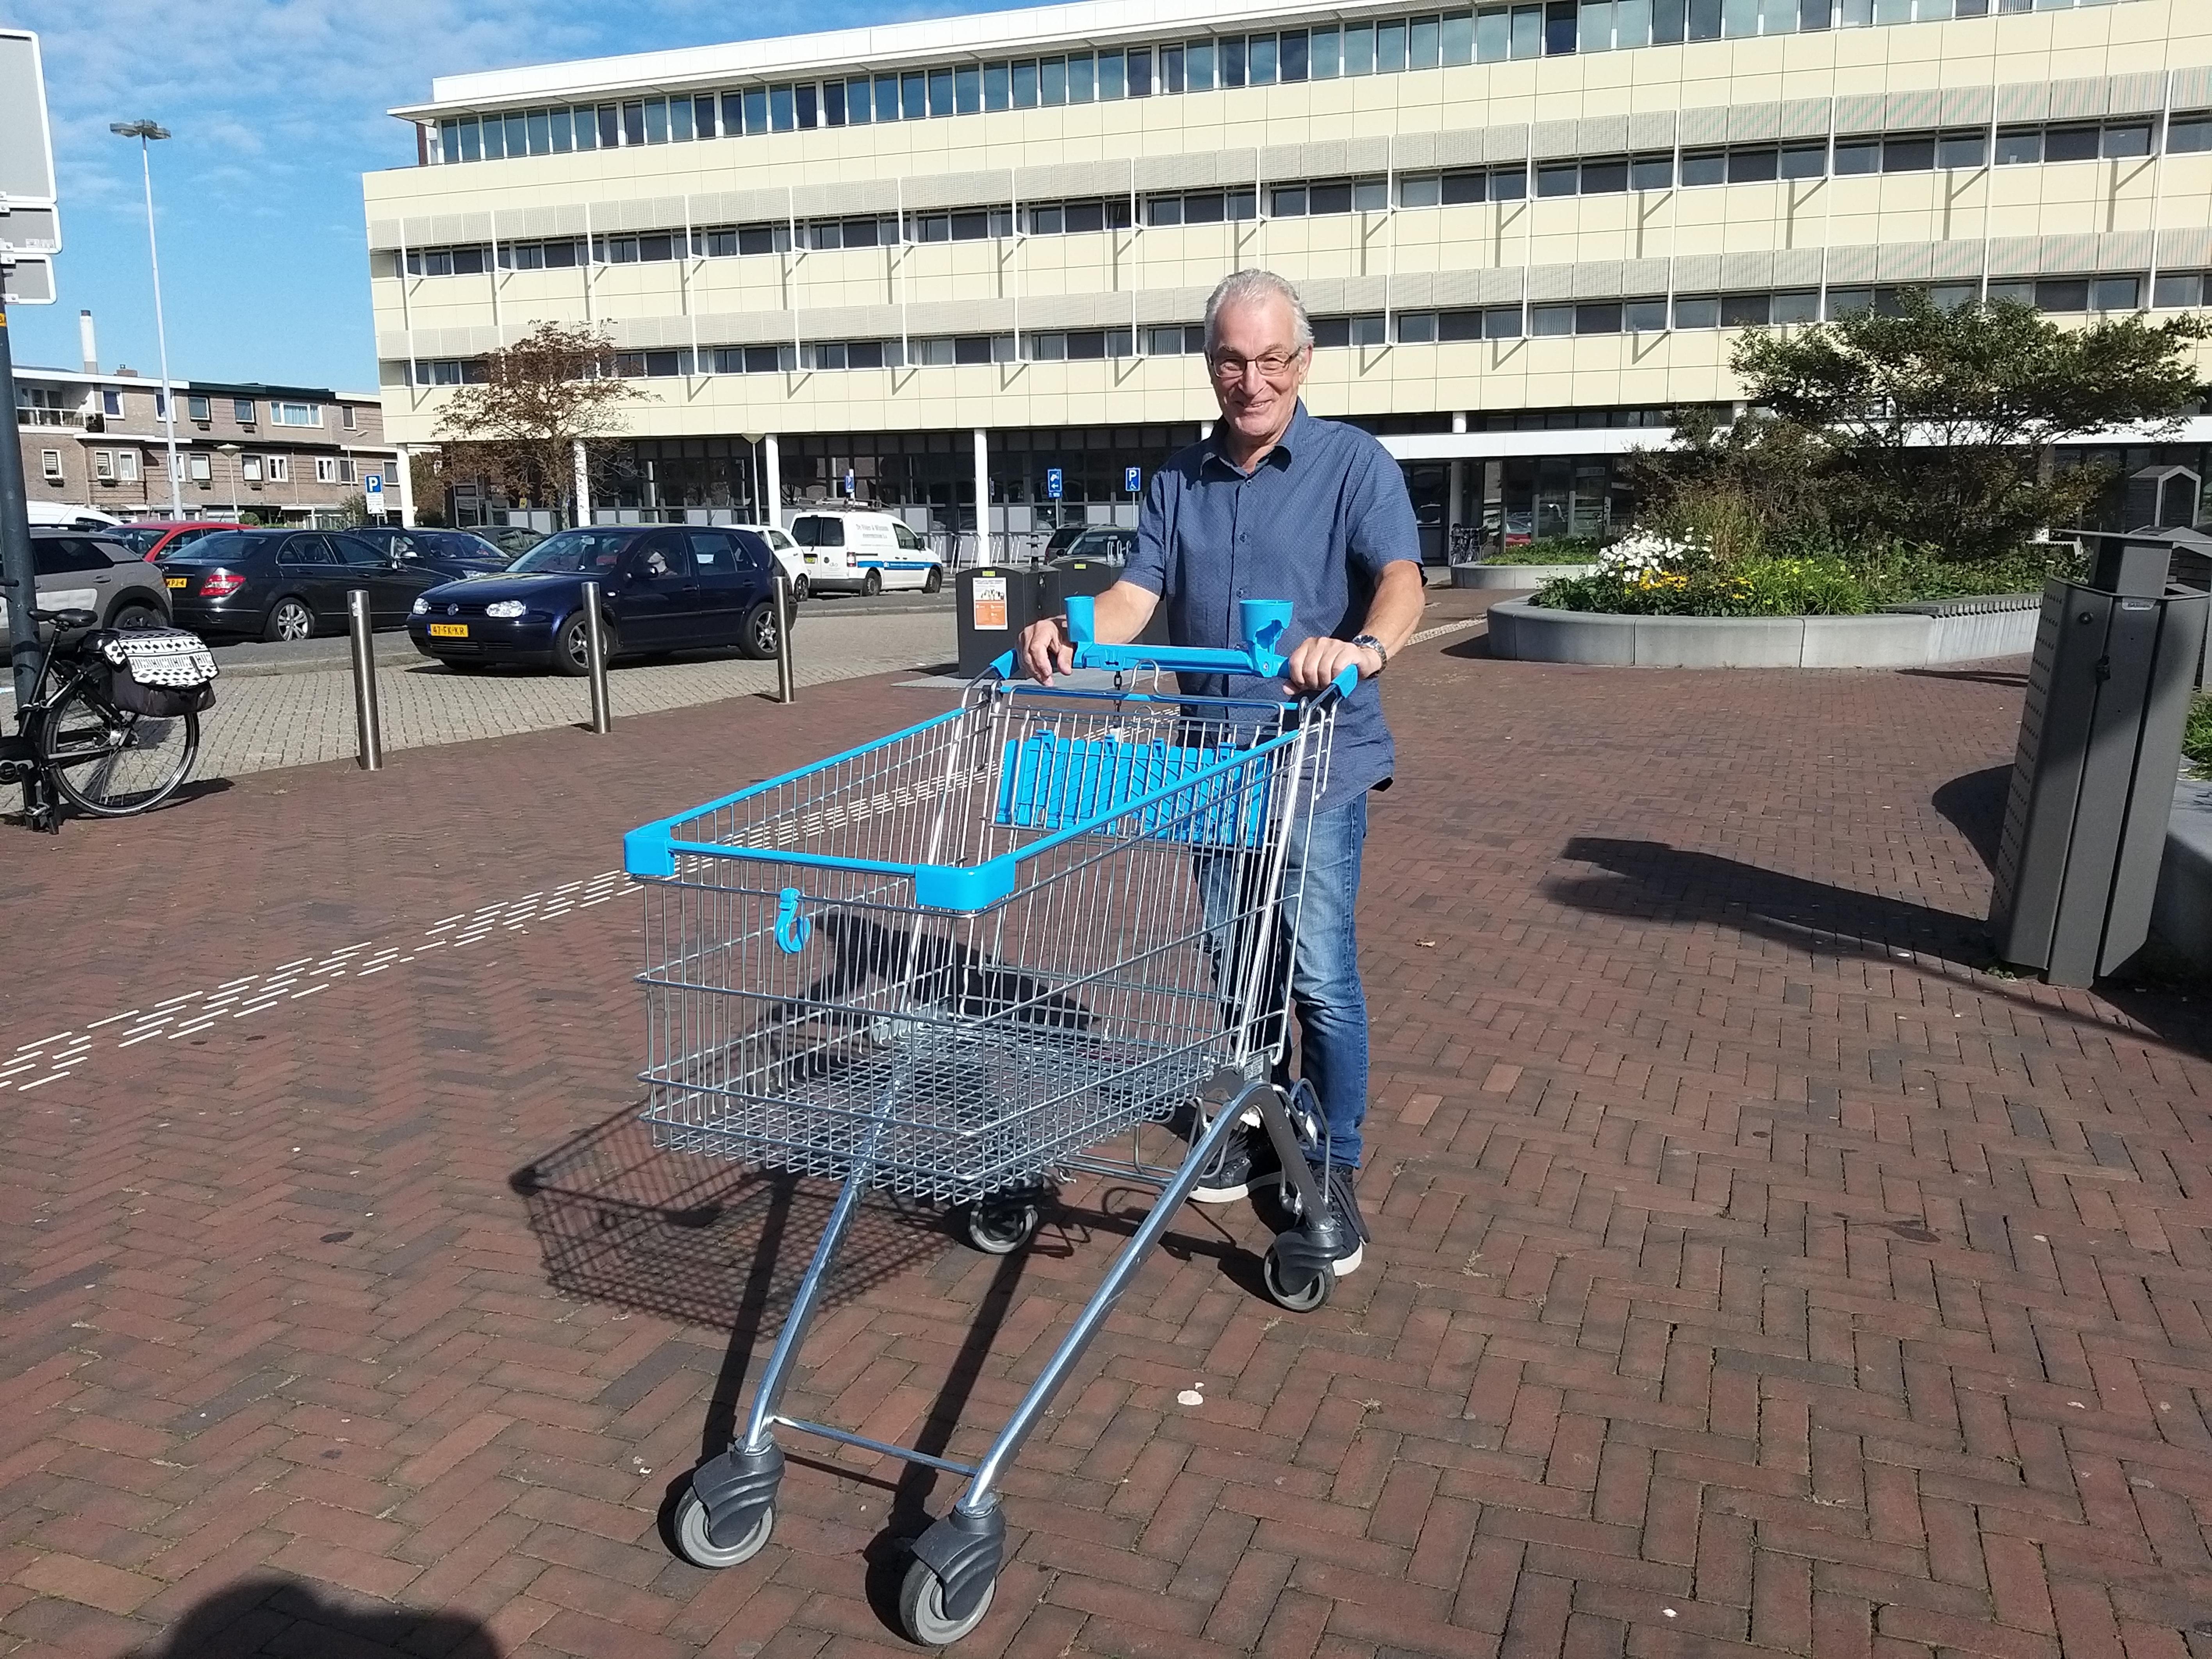 Ouderen in IJmuiden hebben geen behoefte aan een speciaal uurtje in de supermarkt. 'Laten we het nu gewoon een jaar doen die mondkapjes, dan zijn we ervan af'